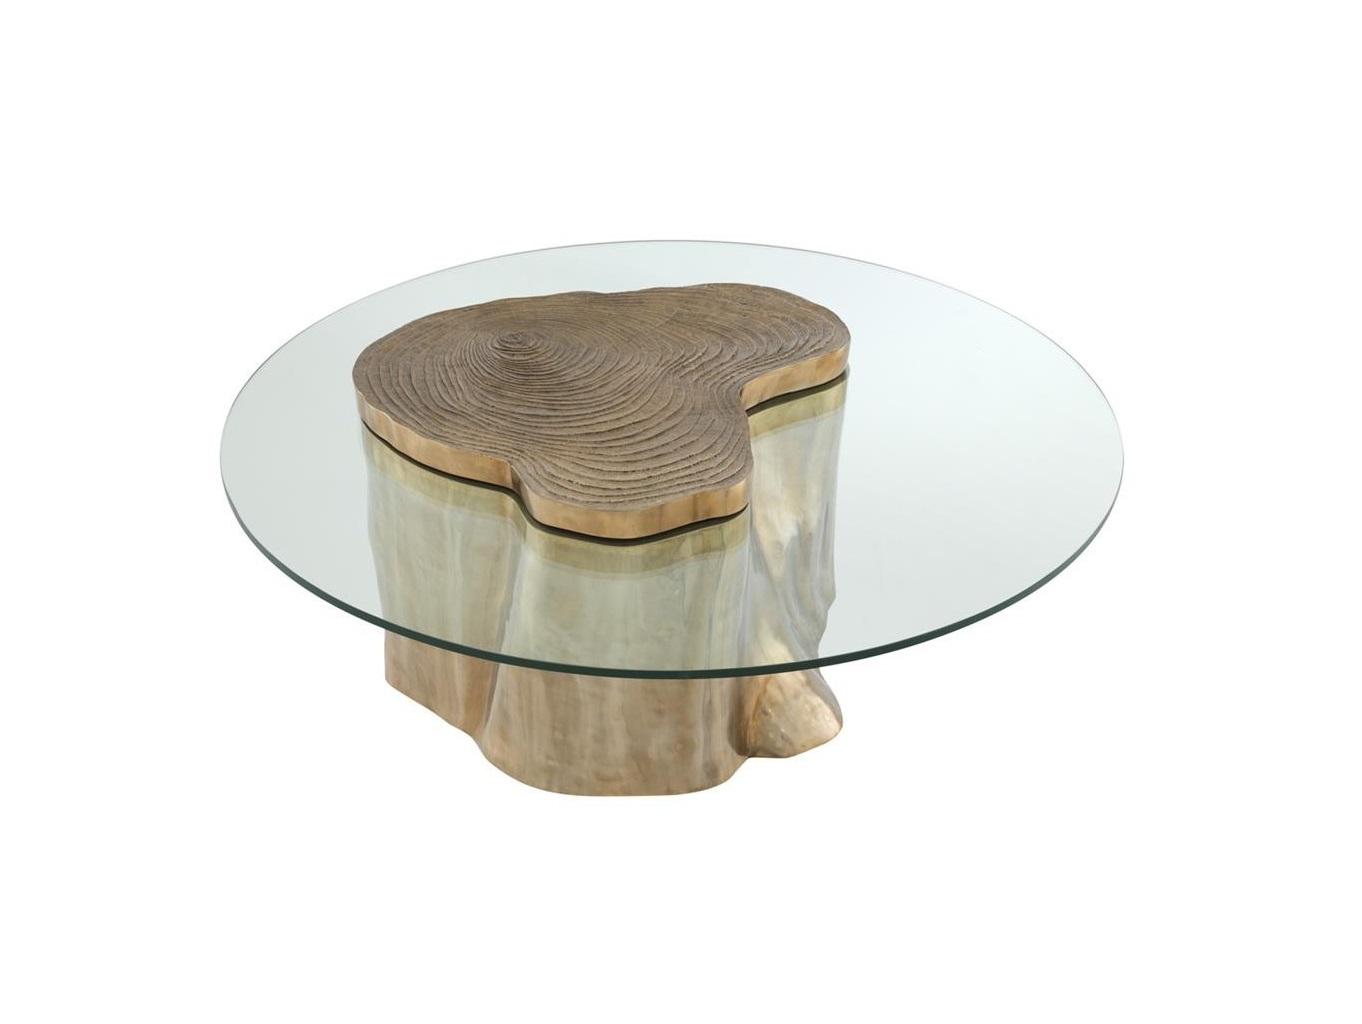 Журнальный столик UrbanЖурнальные столики<br>Журнальный столик Urban на основании из металла цвета латунь в виде дерева. Столешница выполнена из плотного прозрачного стекла.<br><br>Material: Металл<br>Ширина см: 120.0<br>Высота см: 46.0<br>Глубина см: 120.0